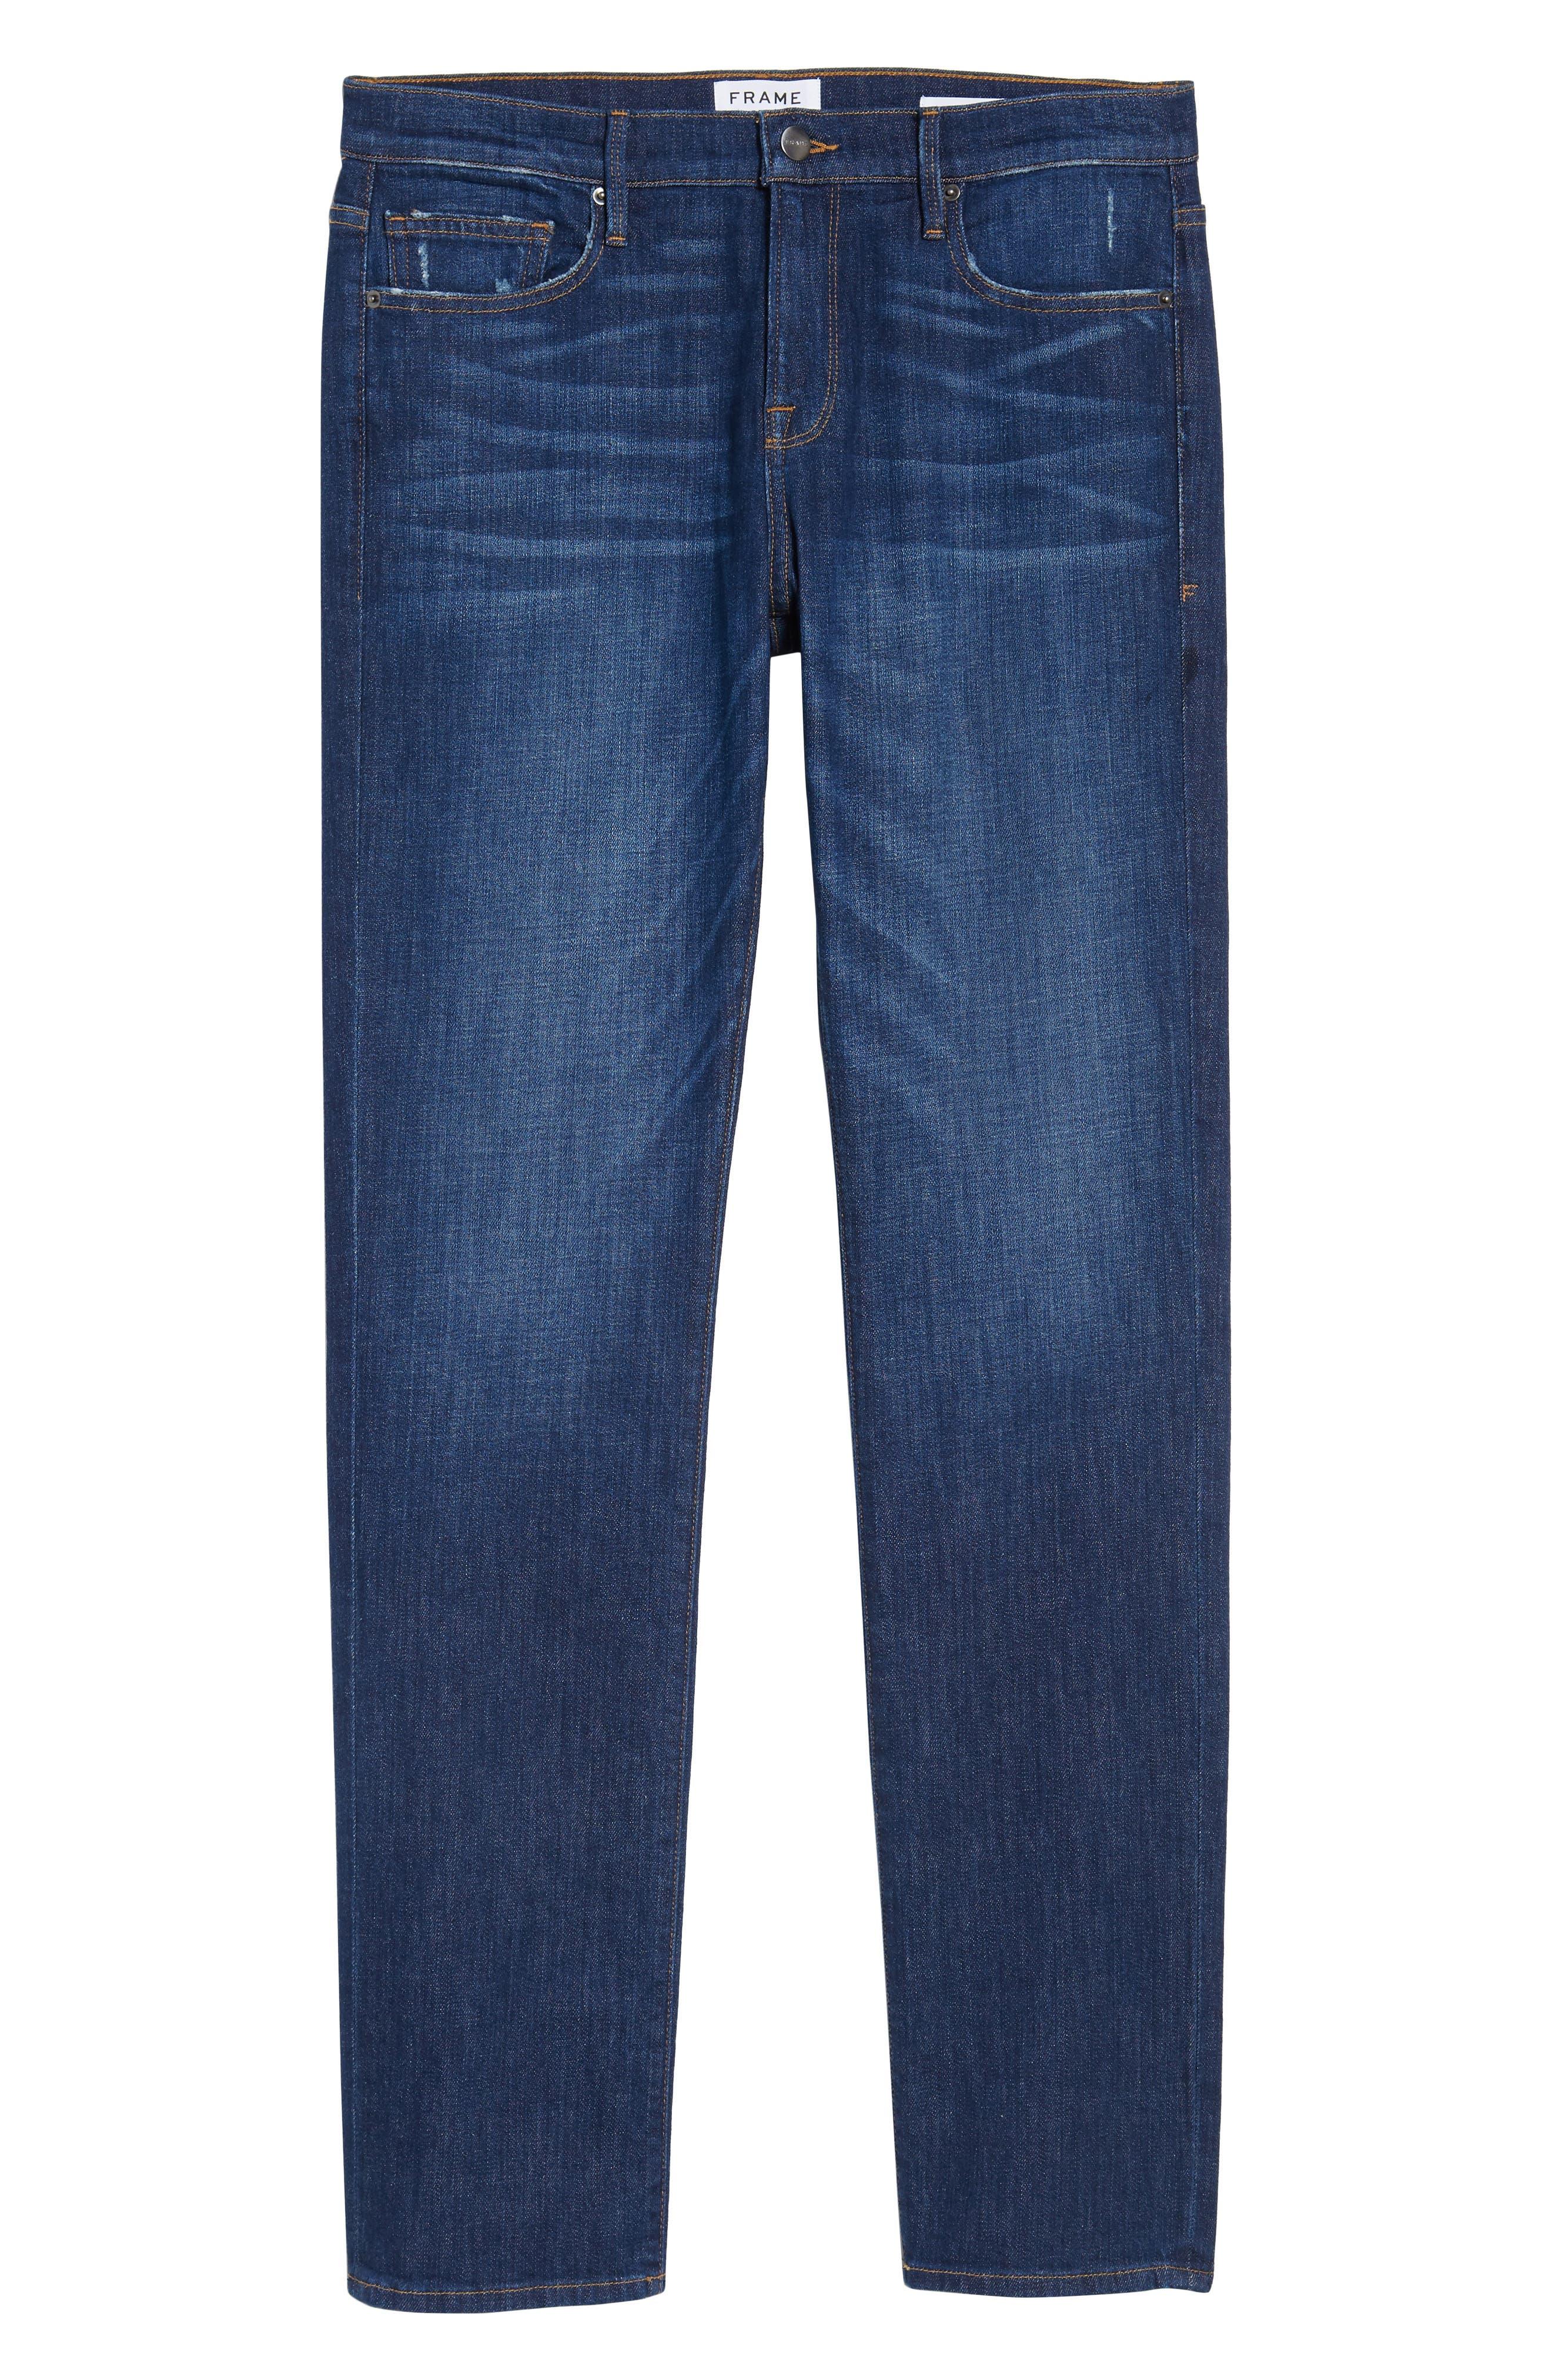 L'Homme Slim Fit Jeans,                             Alternate thumbnail 6, color,                             420